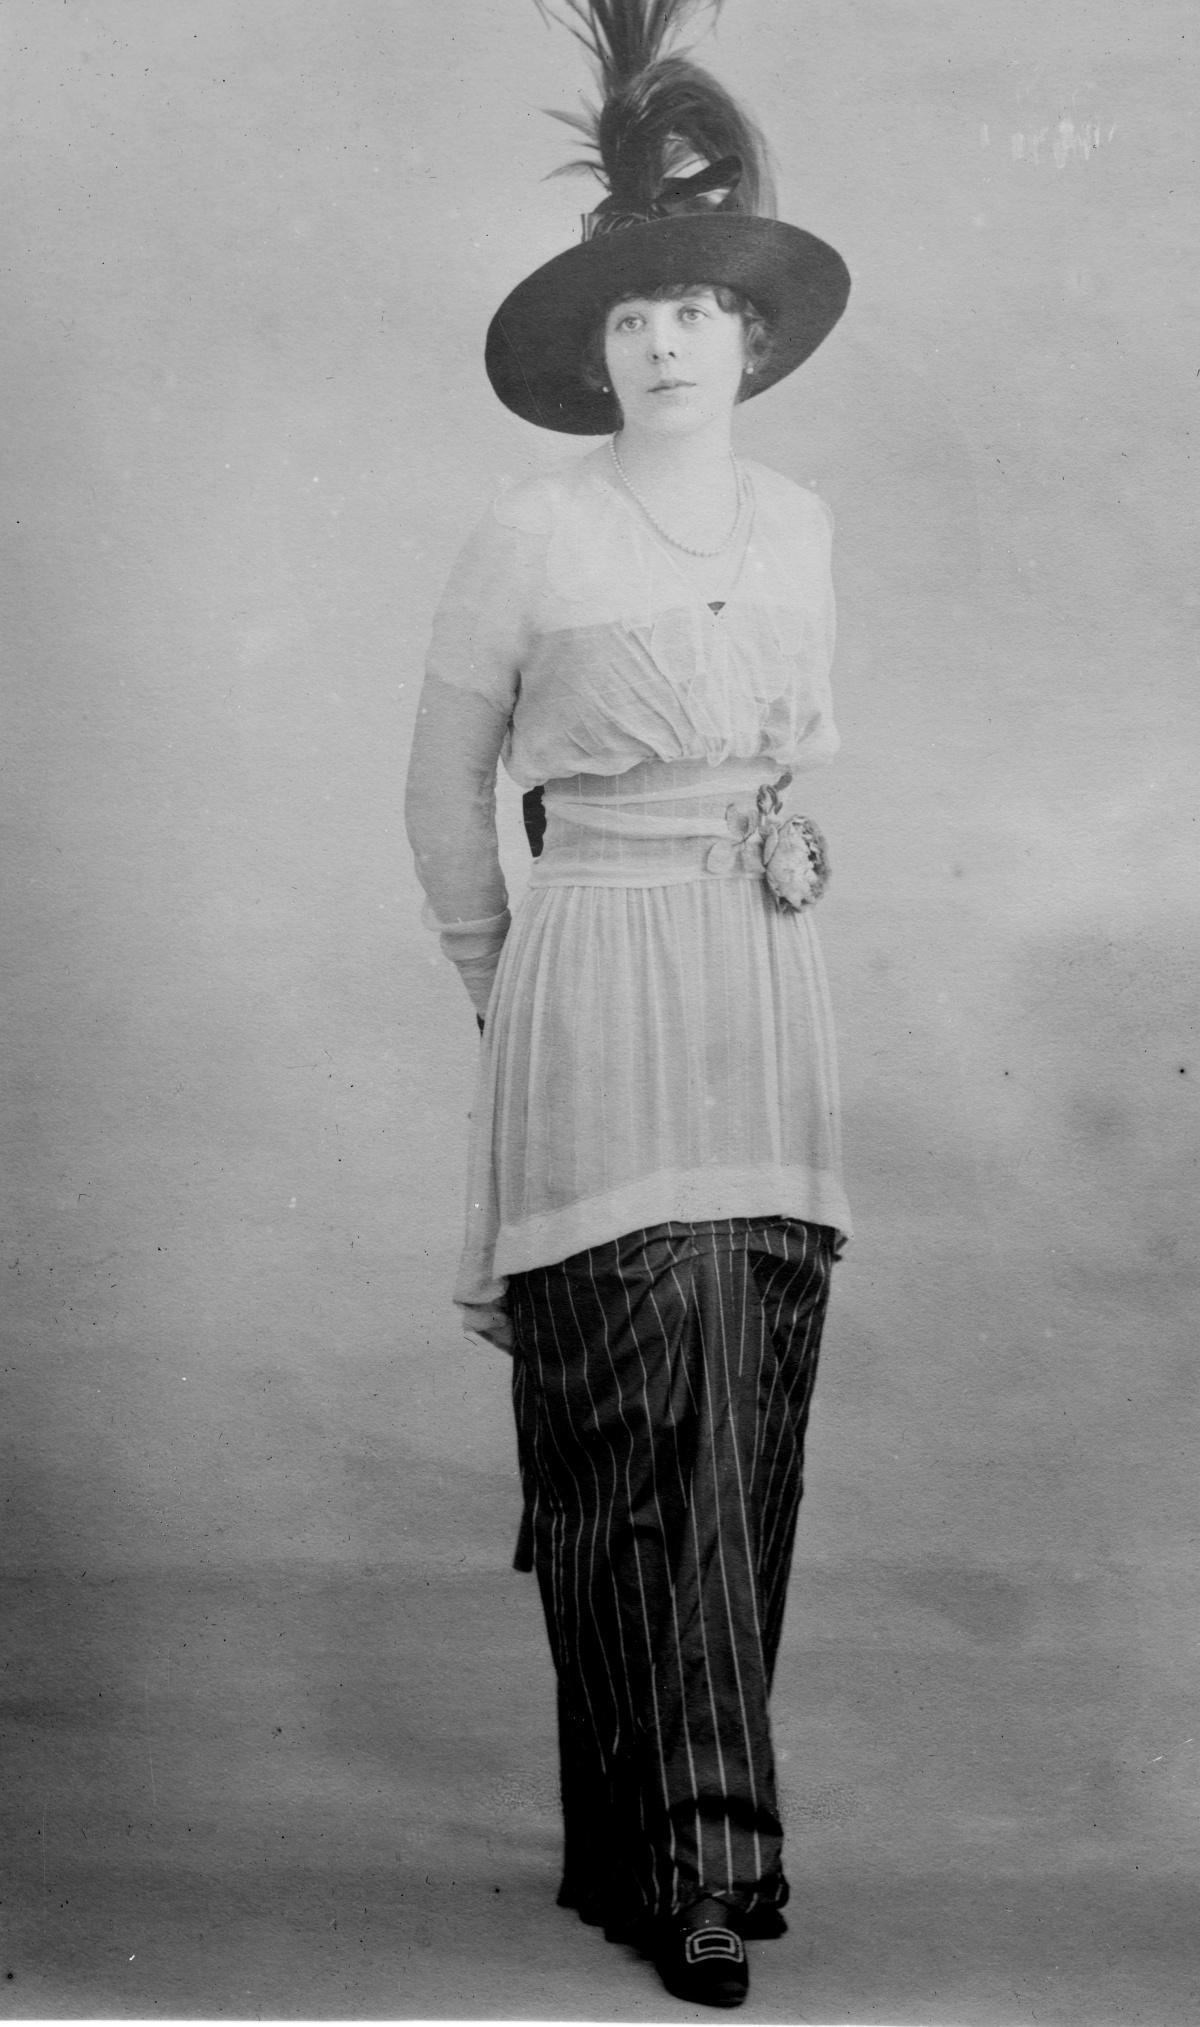 1910s hobble skirt